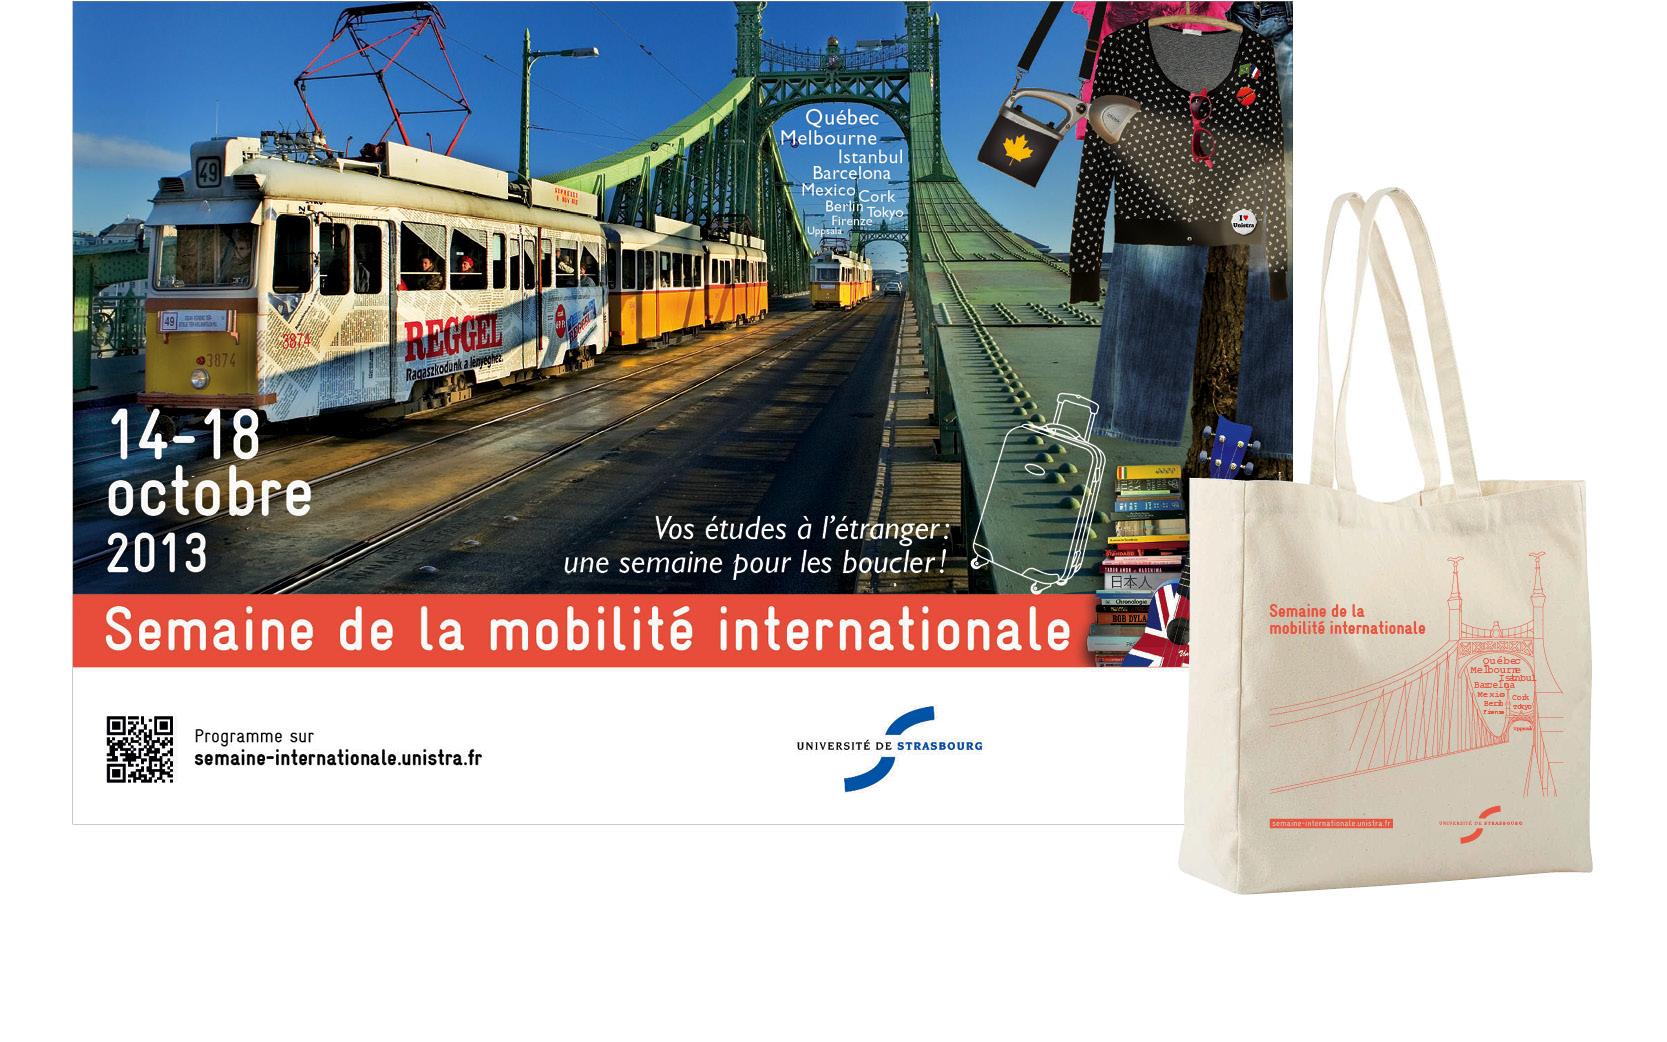 Mise en pages et graphisme de l'affiche et sac, mobilité interantionale, Unistra 2013